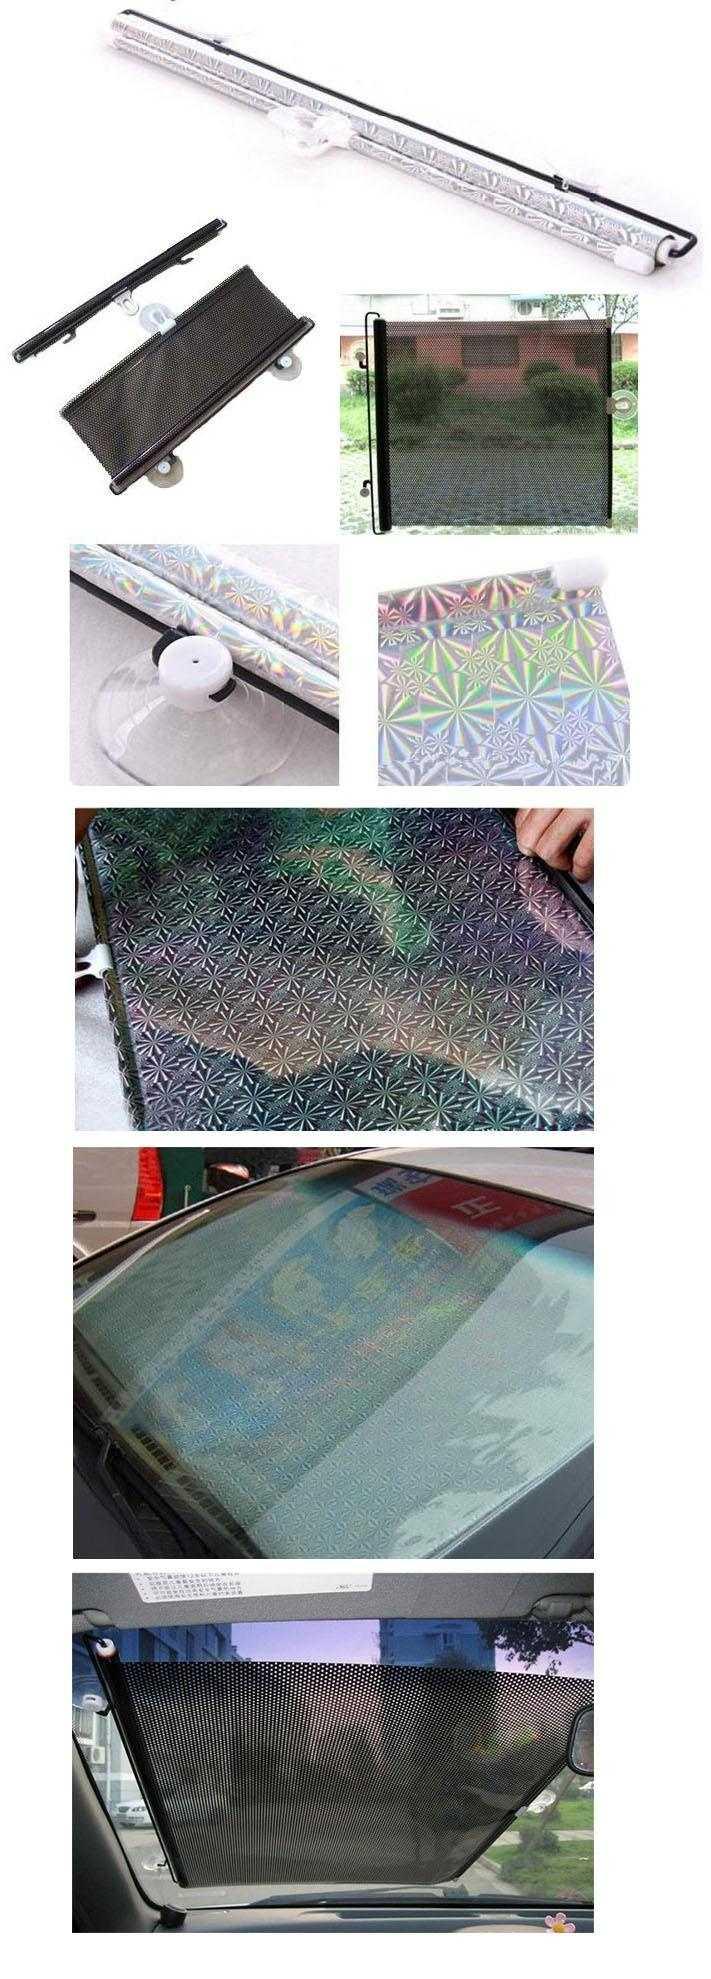 Защита от солнца для переднего стекла авто 1Set Auto XQrW